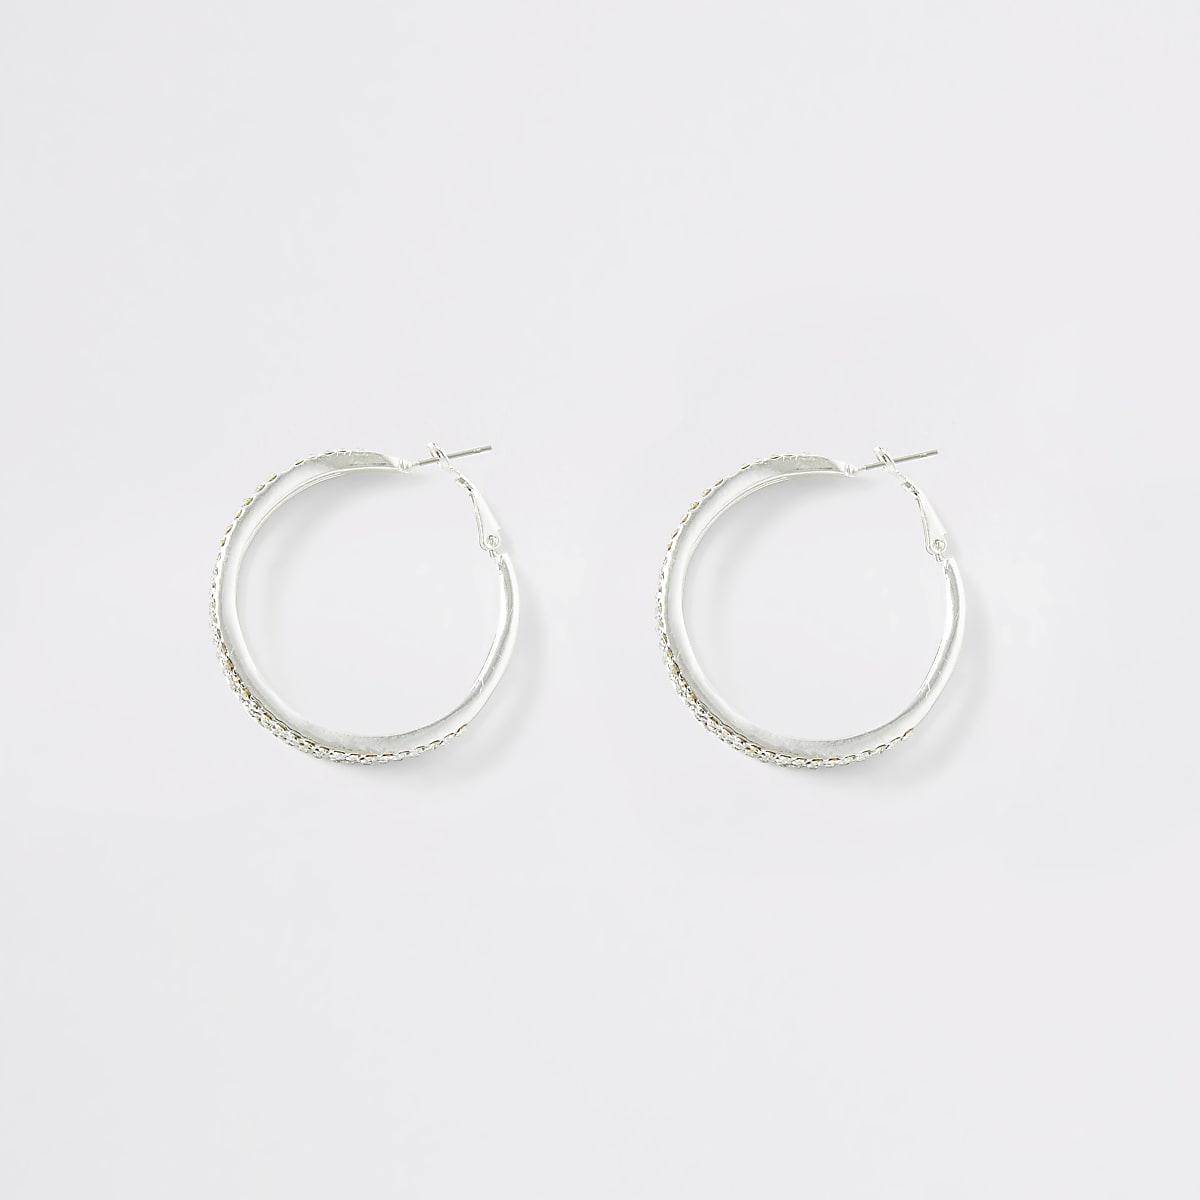 Zilverkleurige oorringen met stras en drie ringen